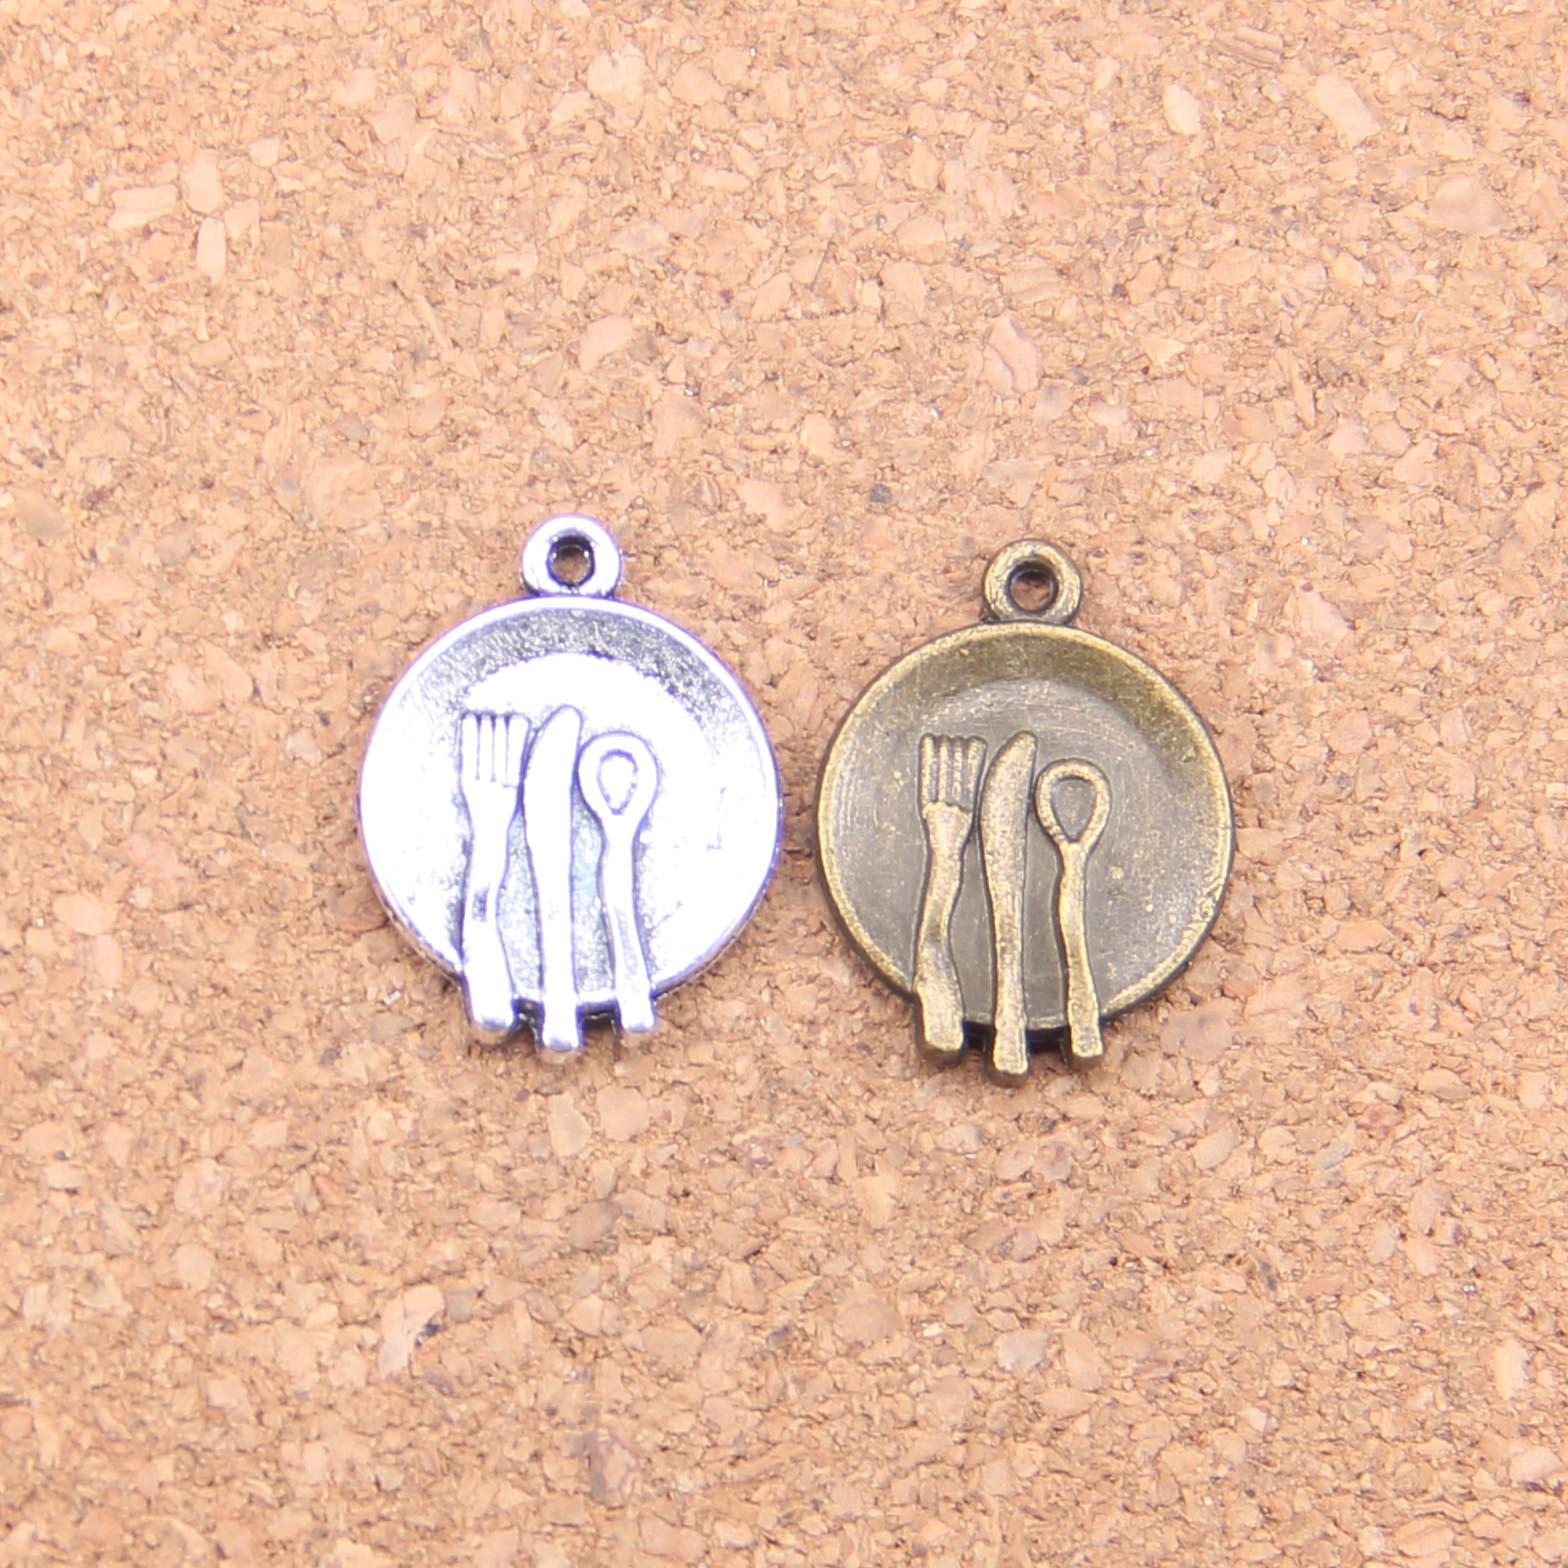 18 шт Подвески кухонная посуда, вилка, ложка 20x15 мм старинные подвески, Винтаж ювелирные изделия из тибетского серебра, «сделай сам» для браслетов и ожерелий